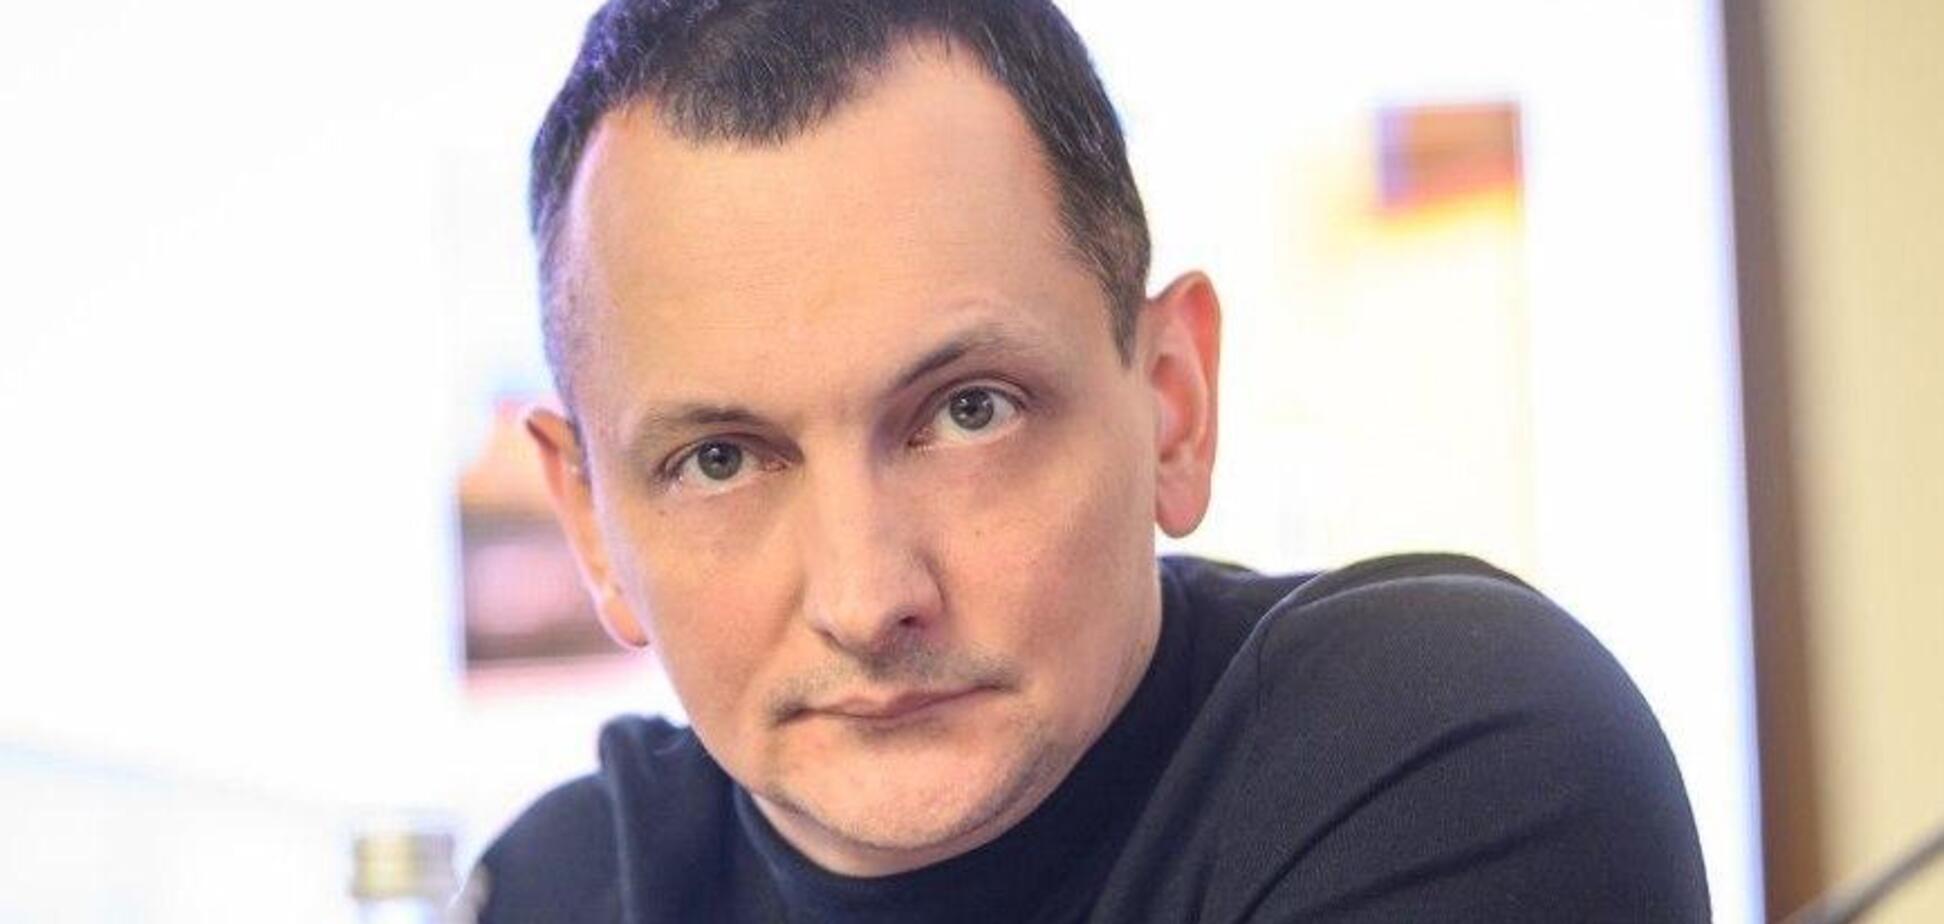 Проект 'Большая стройка' в Винницкой области будет выполнен на 100% - советник премьера Юрий Голик